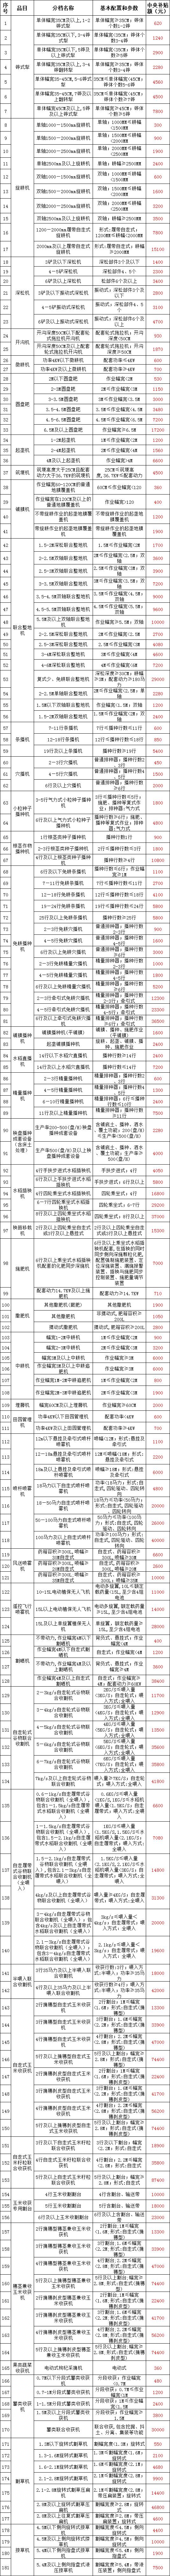 宁夏(2020年调整)农机购置补贴额一览表公告